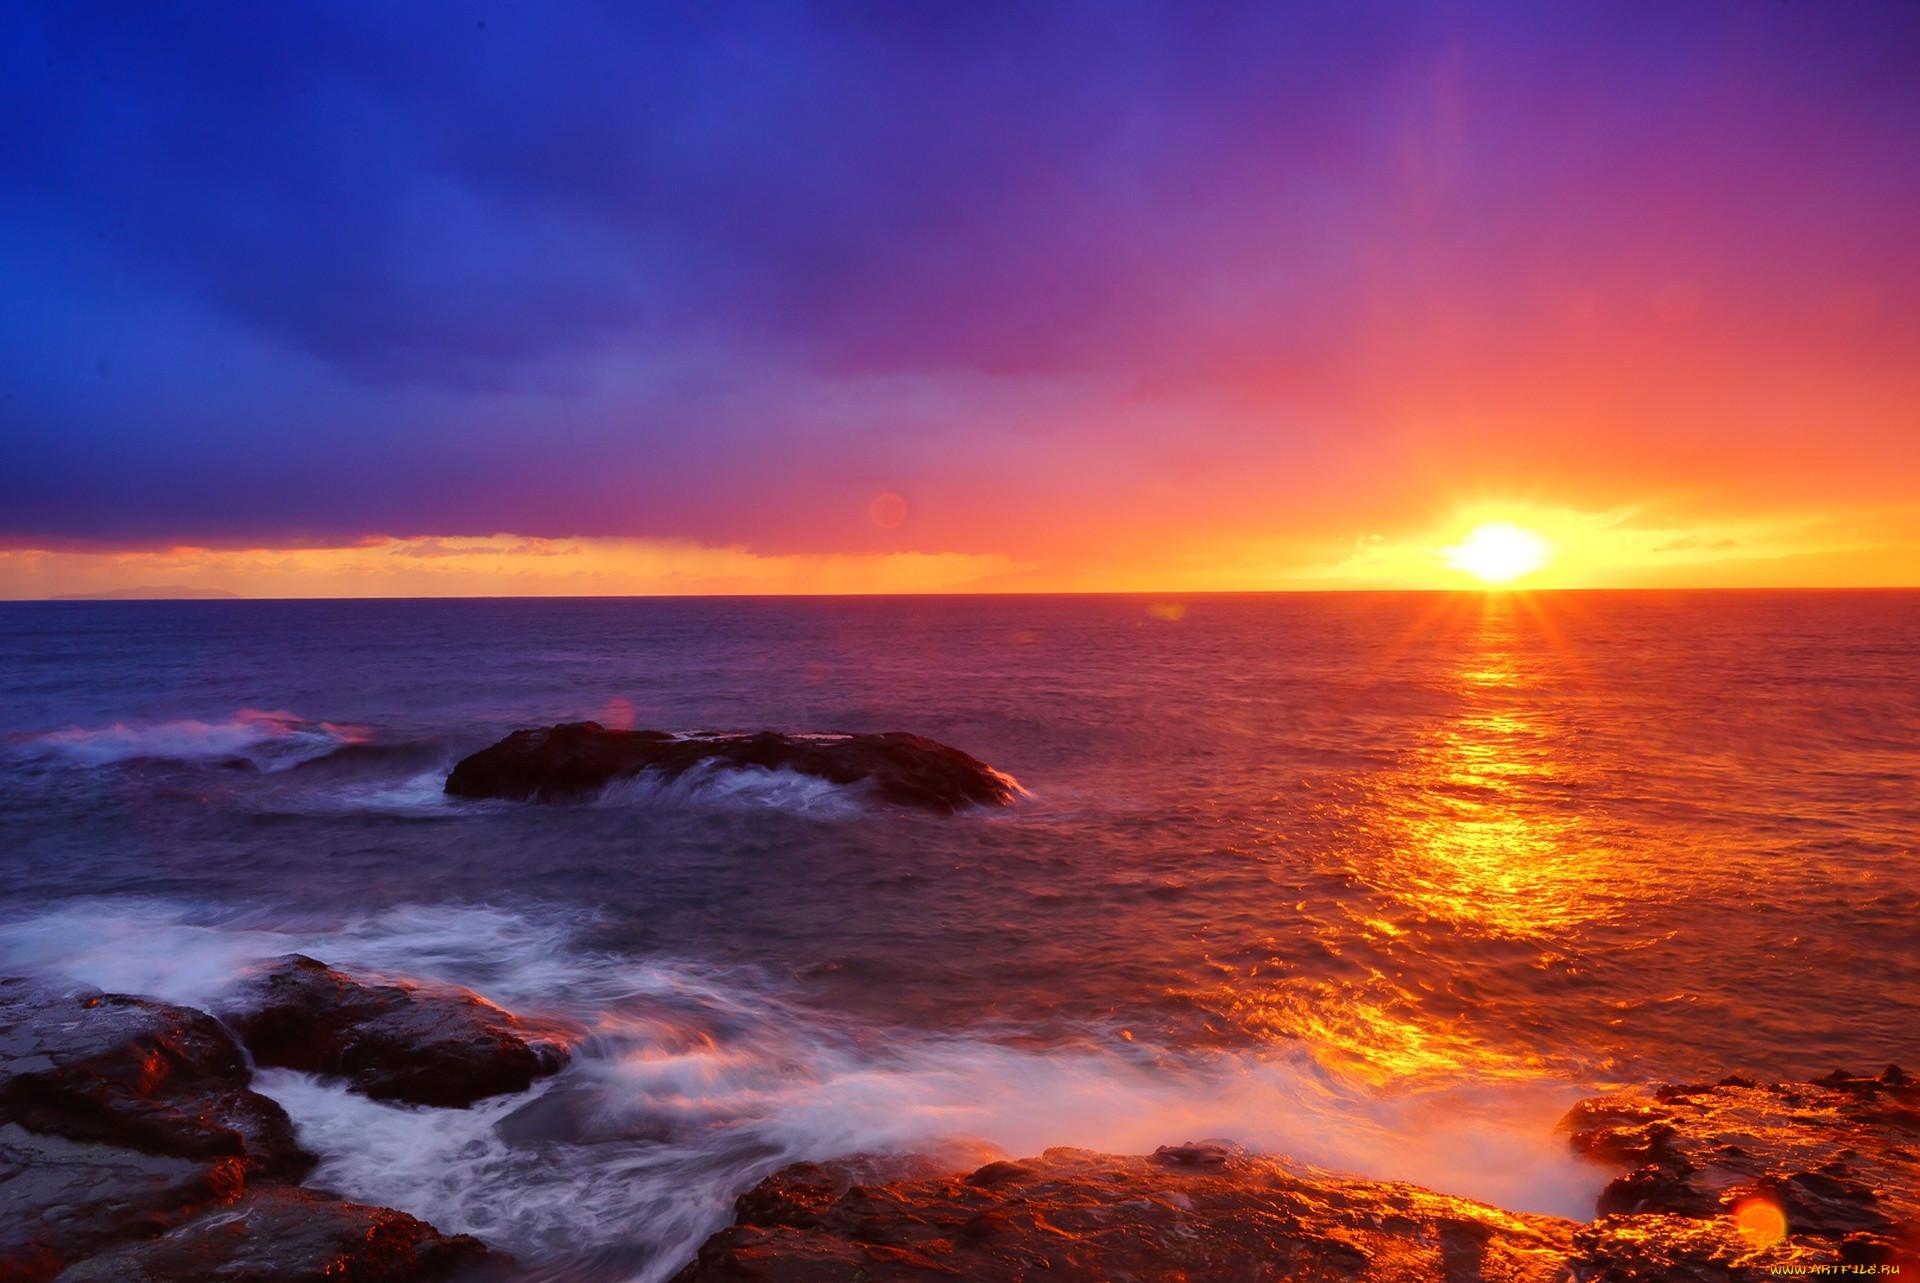 коллажах можно красивые закаты и рассветы на море фото внутри крупнейшего